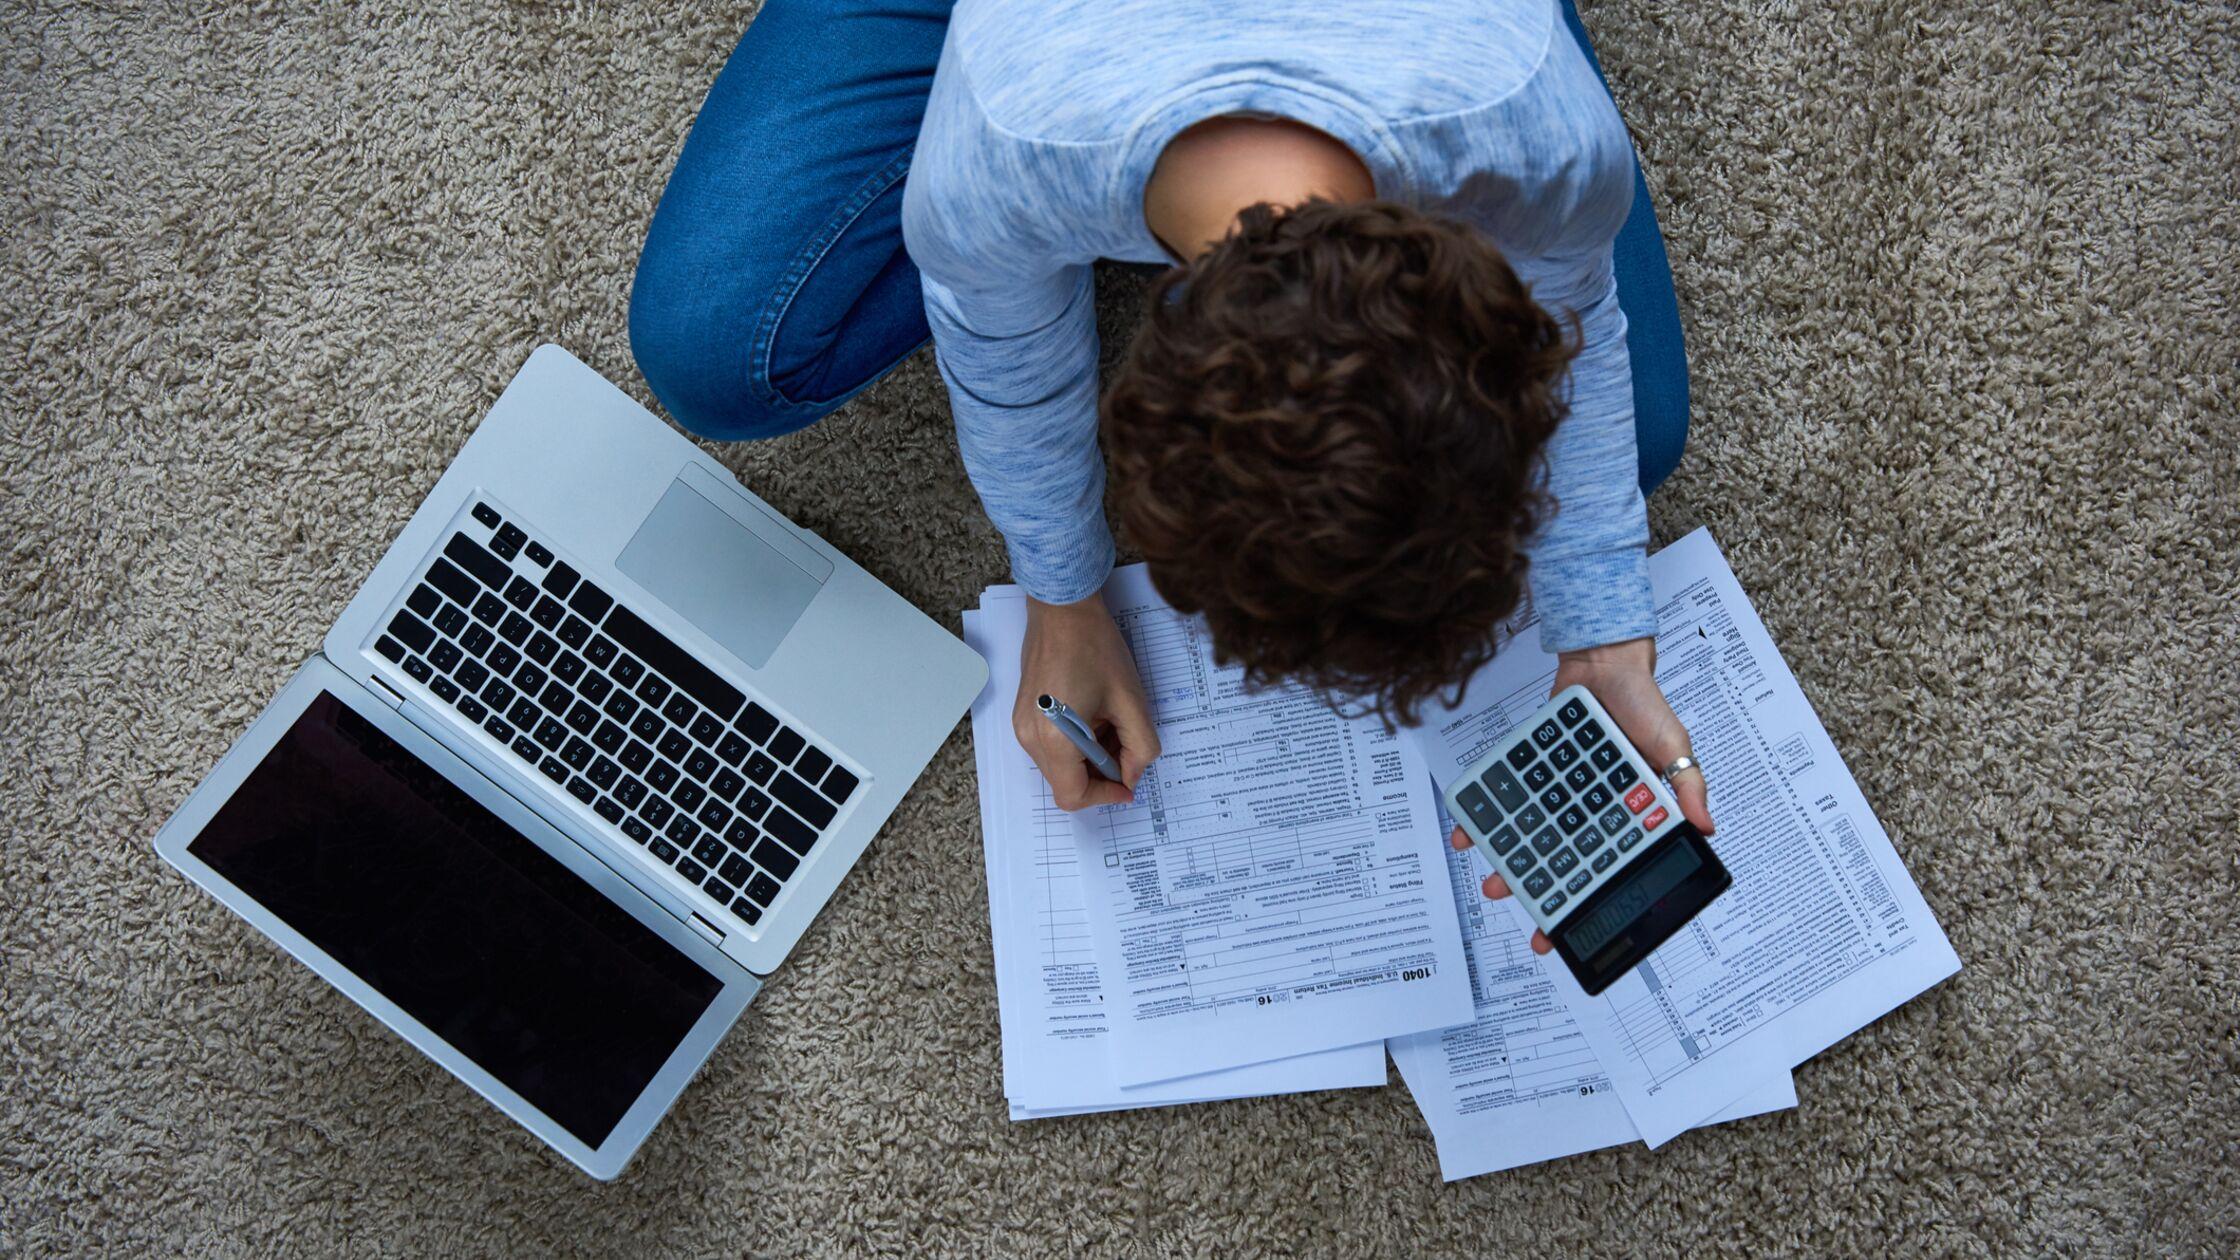 Frau sitzt auf dem Boden mit Laptop und Steuererklärung